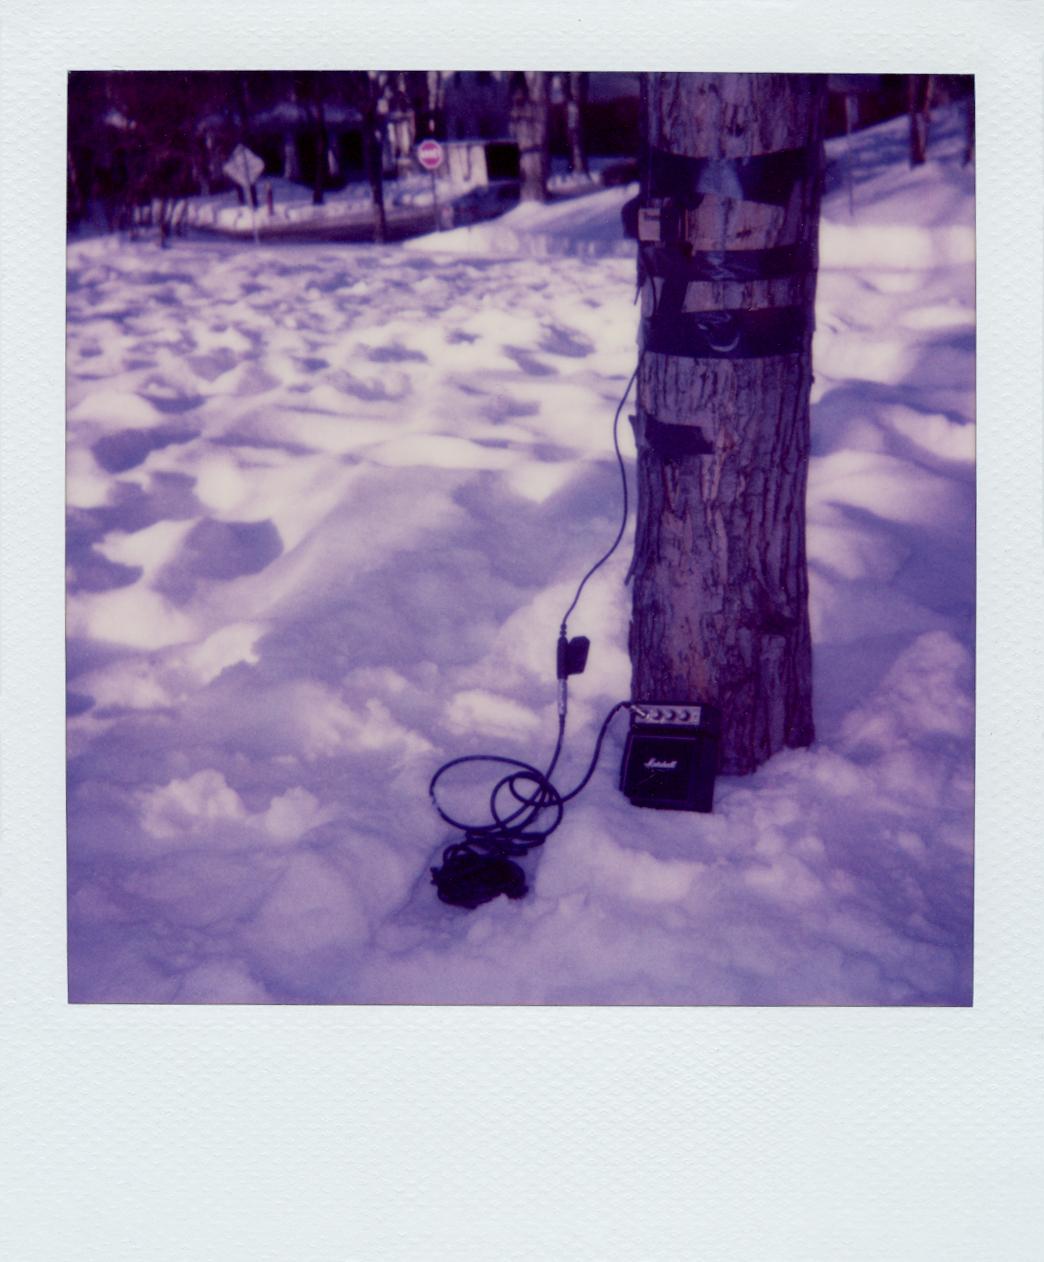 Music for trees , documentation of the installation, 2009 @Nataliya Petkova